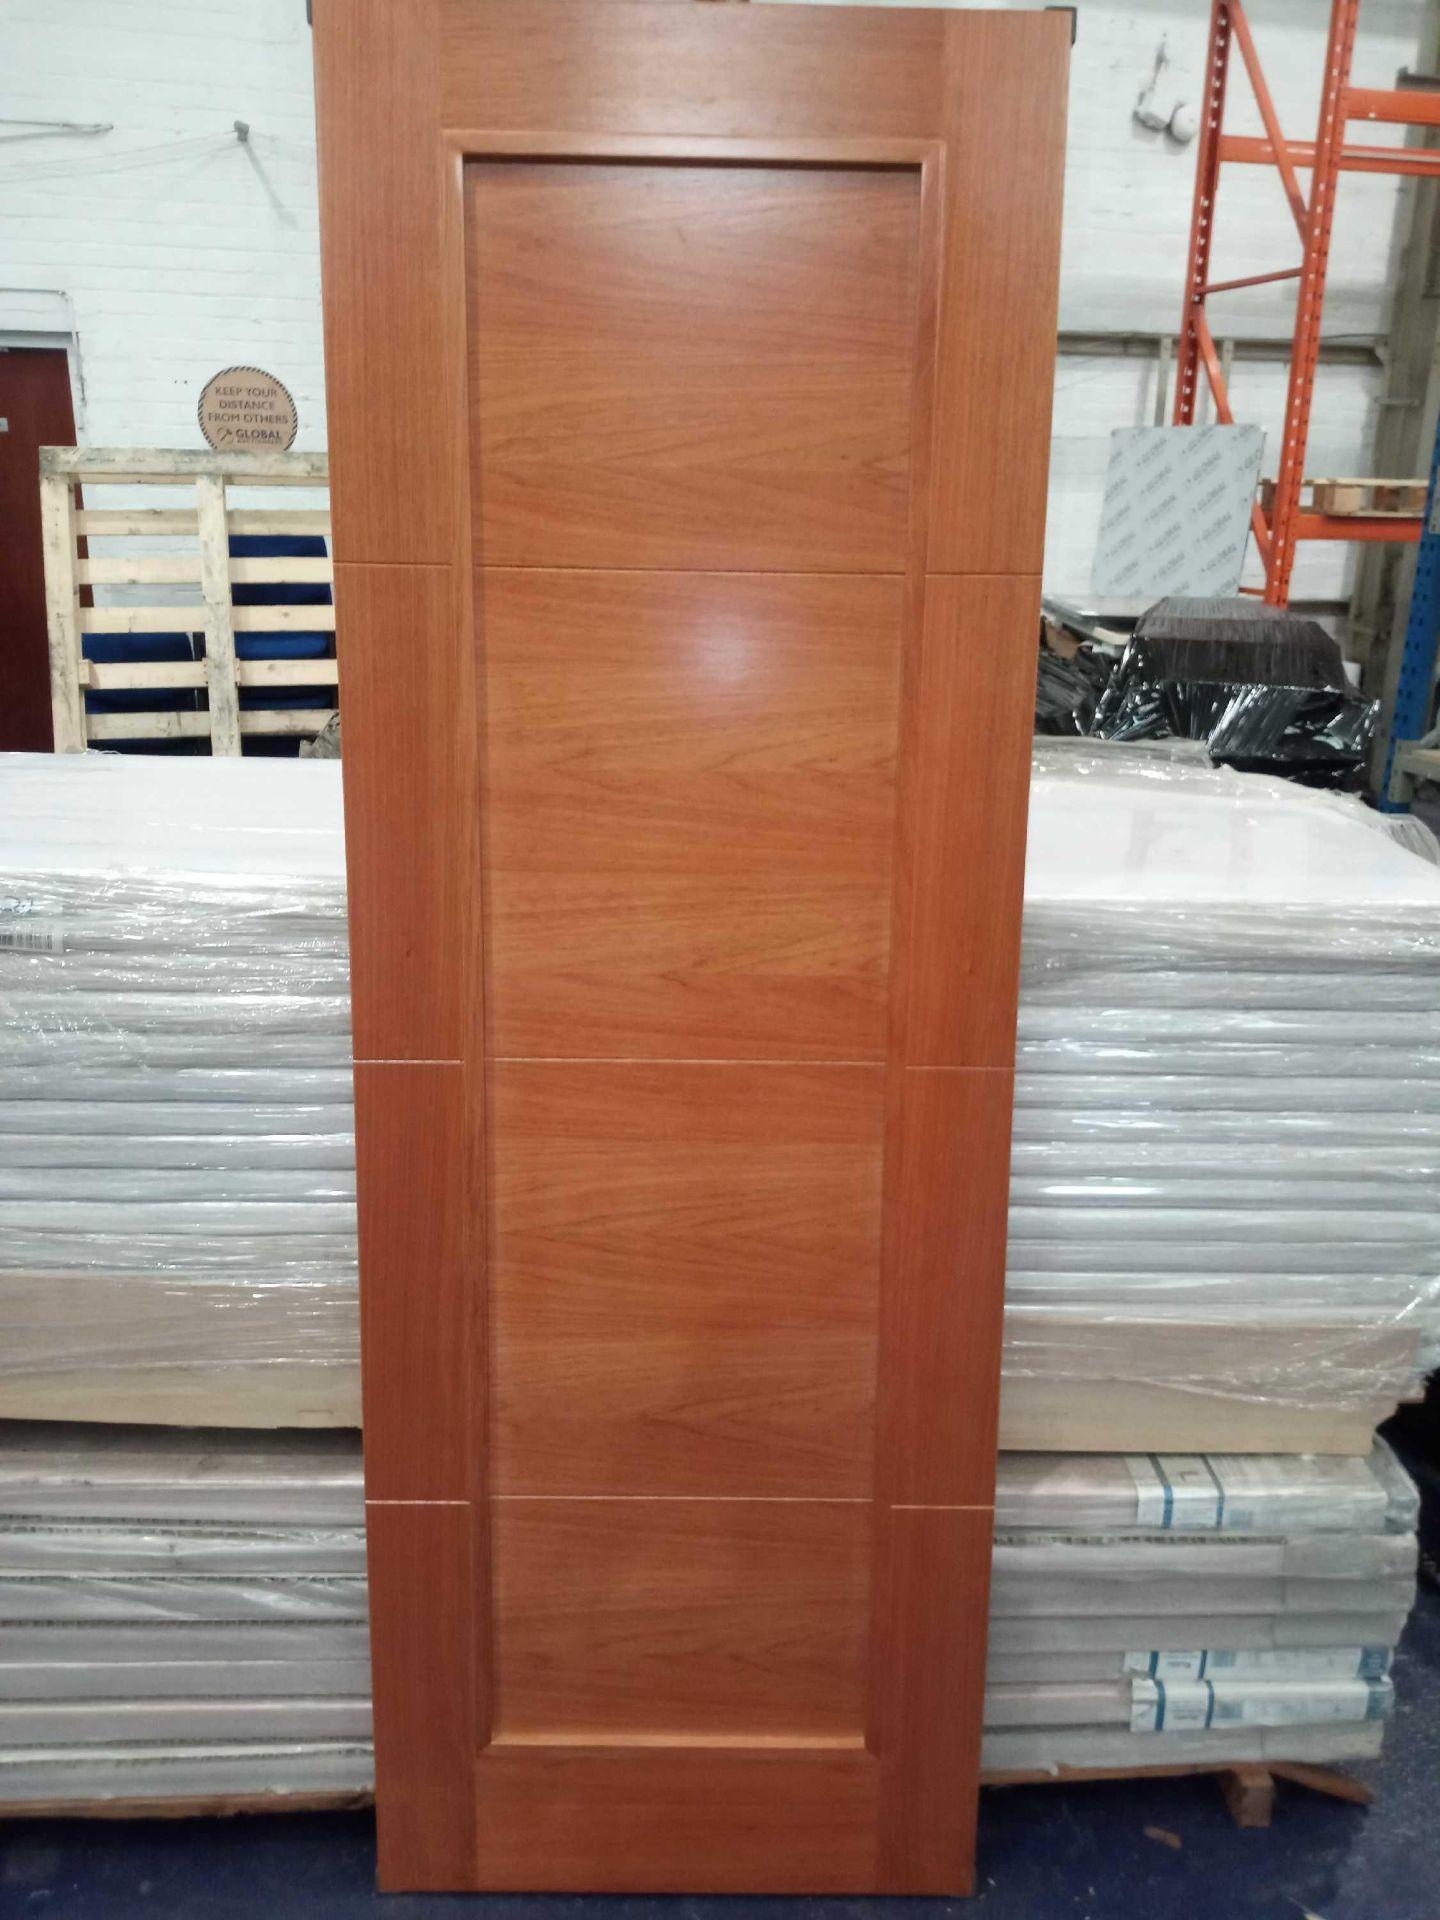 Rrp £4200 Brand New 4 Panel Solid Cherry Hardwood Doors